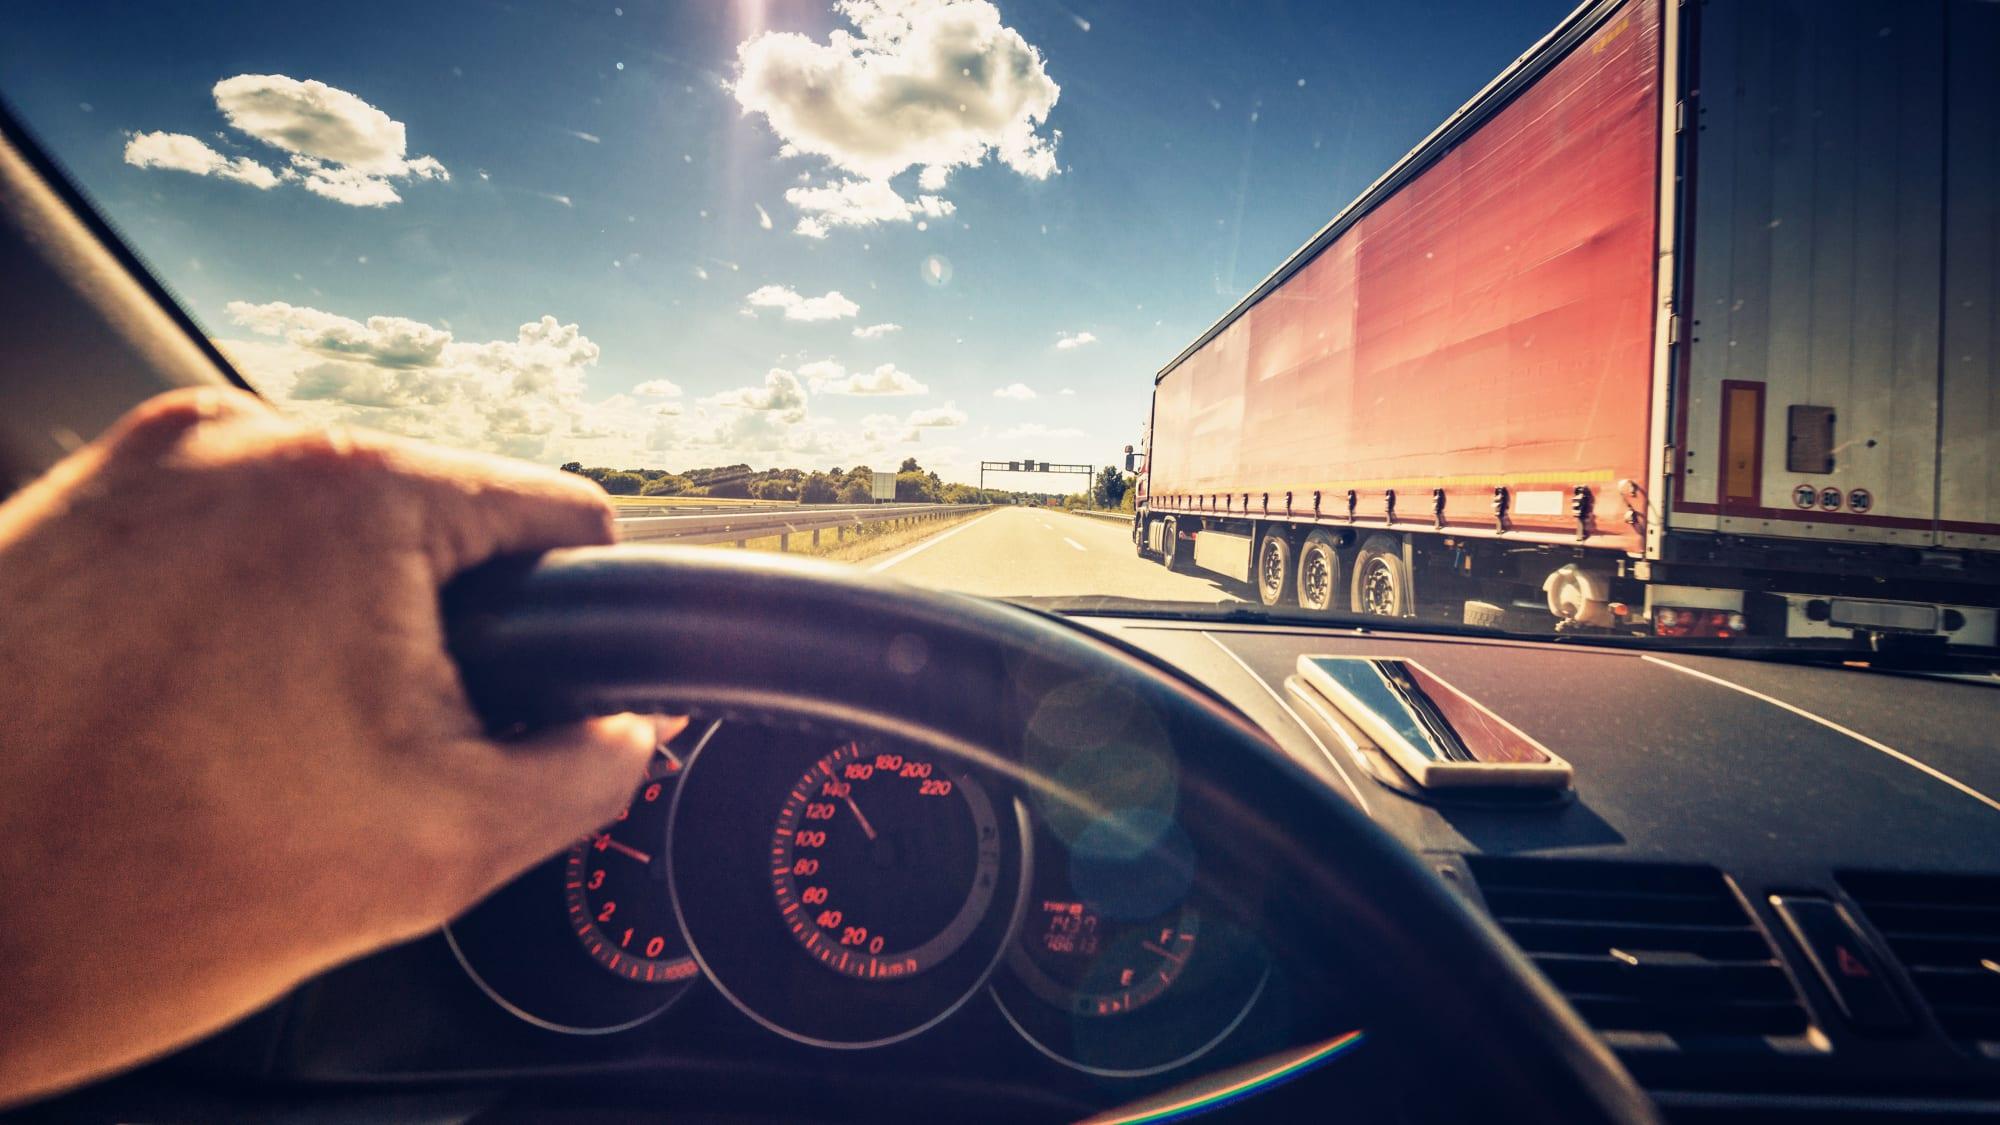 Fahrer auf Autobahn fährt neben einem LKW